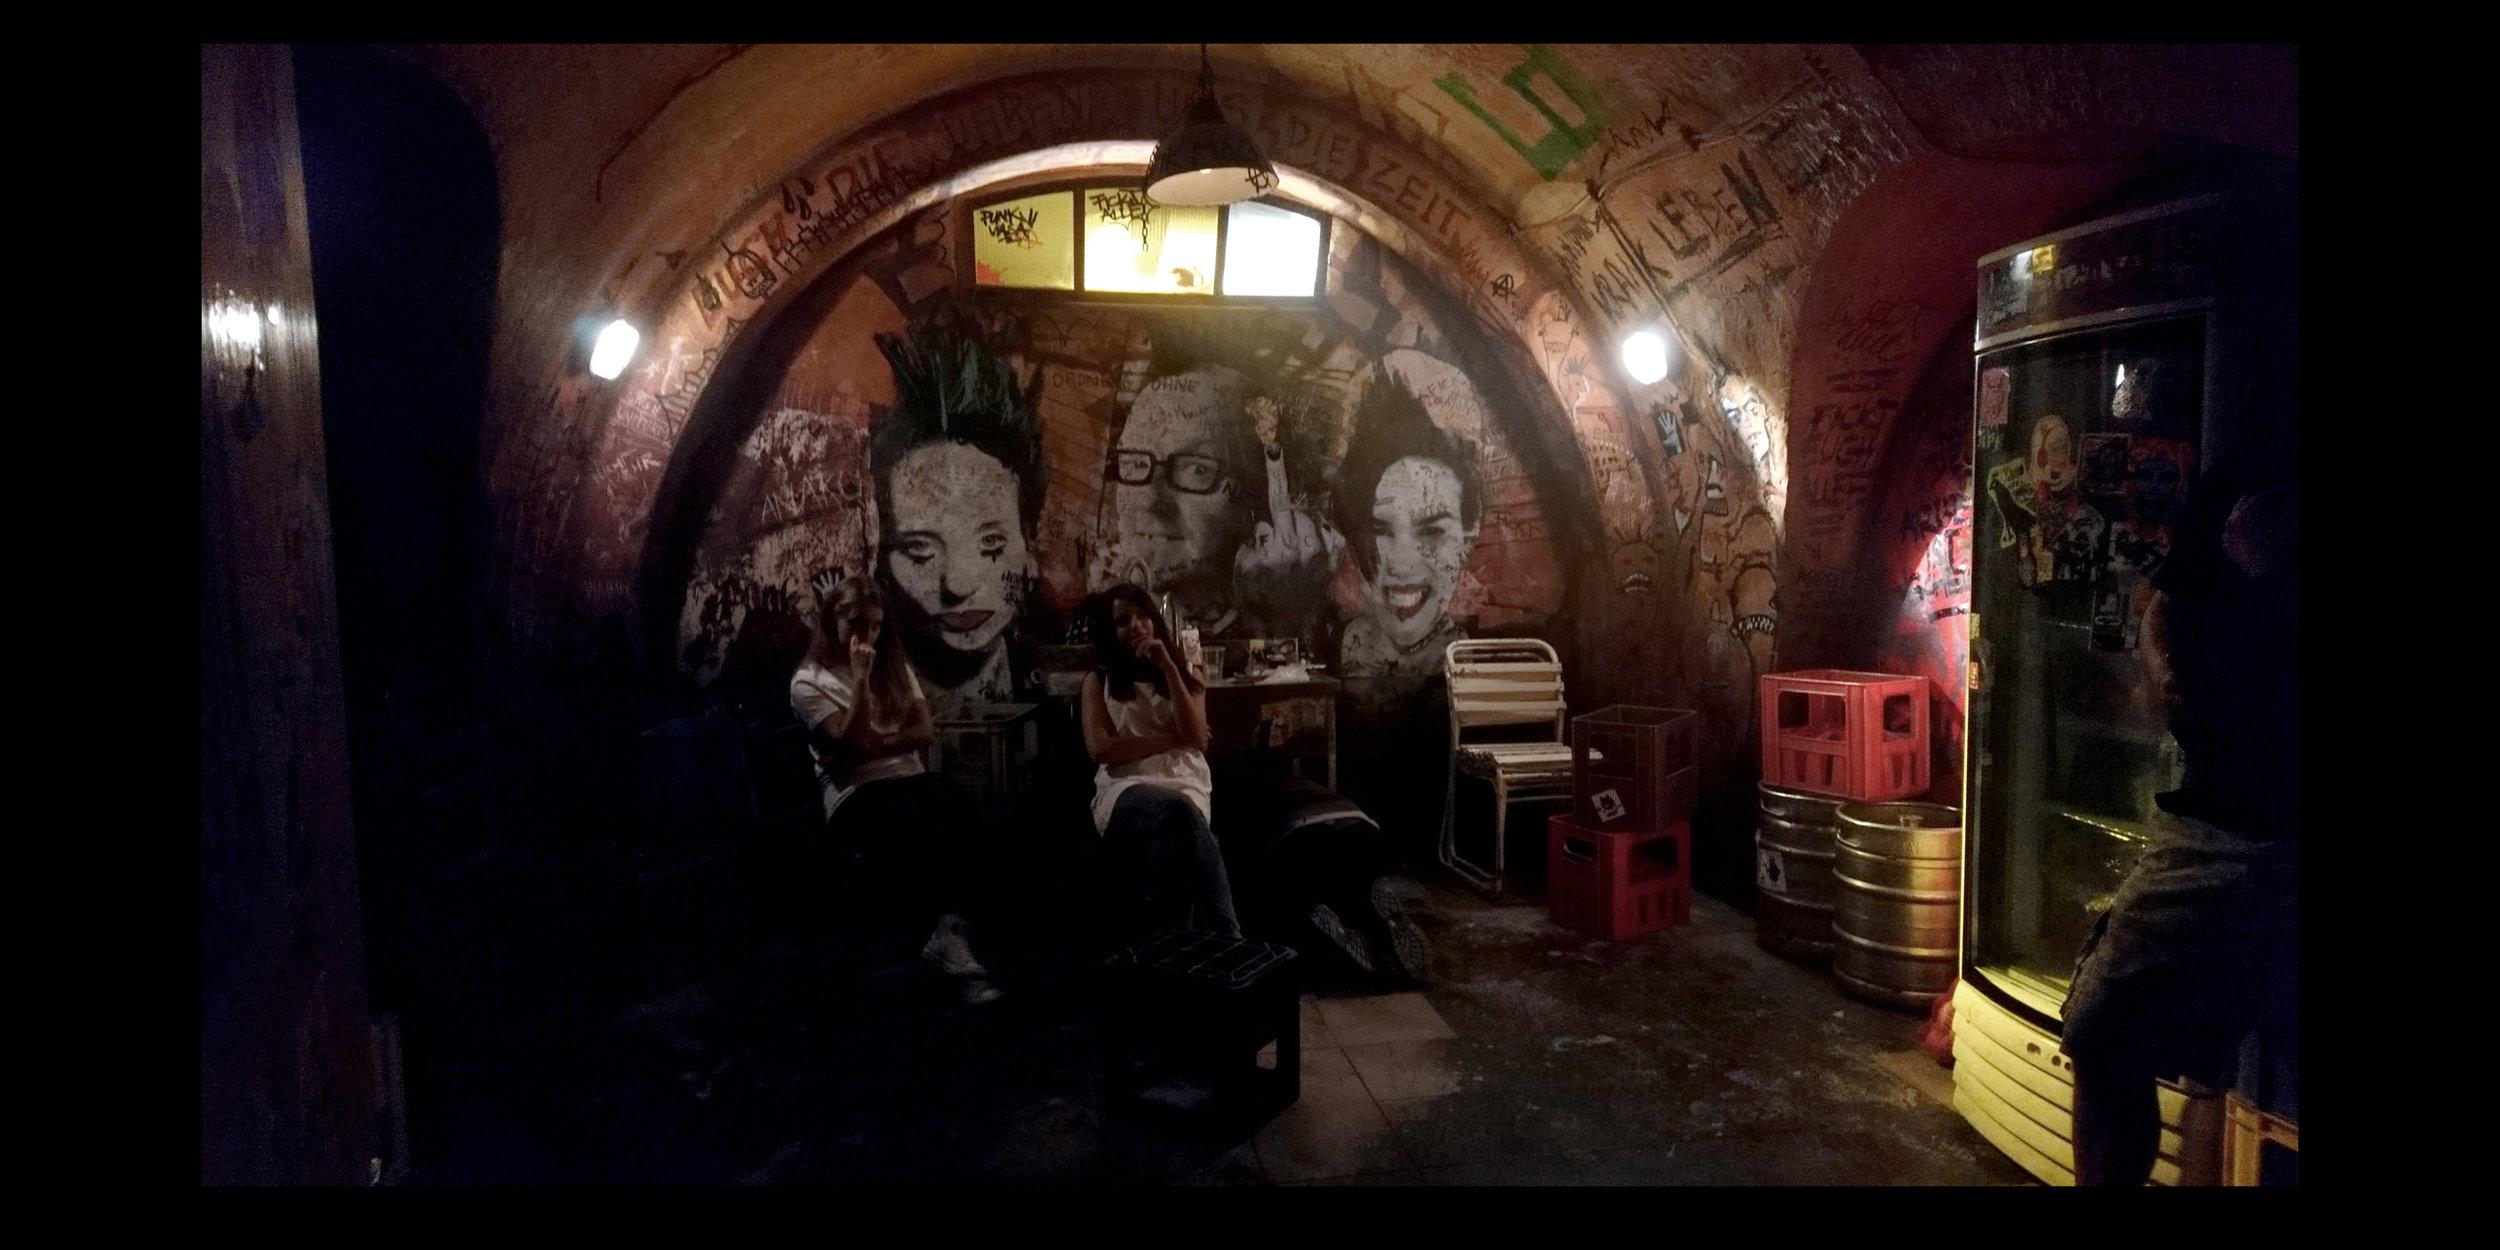 spy-berlin punk hangout-03.jpg